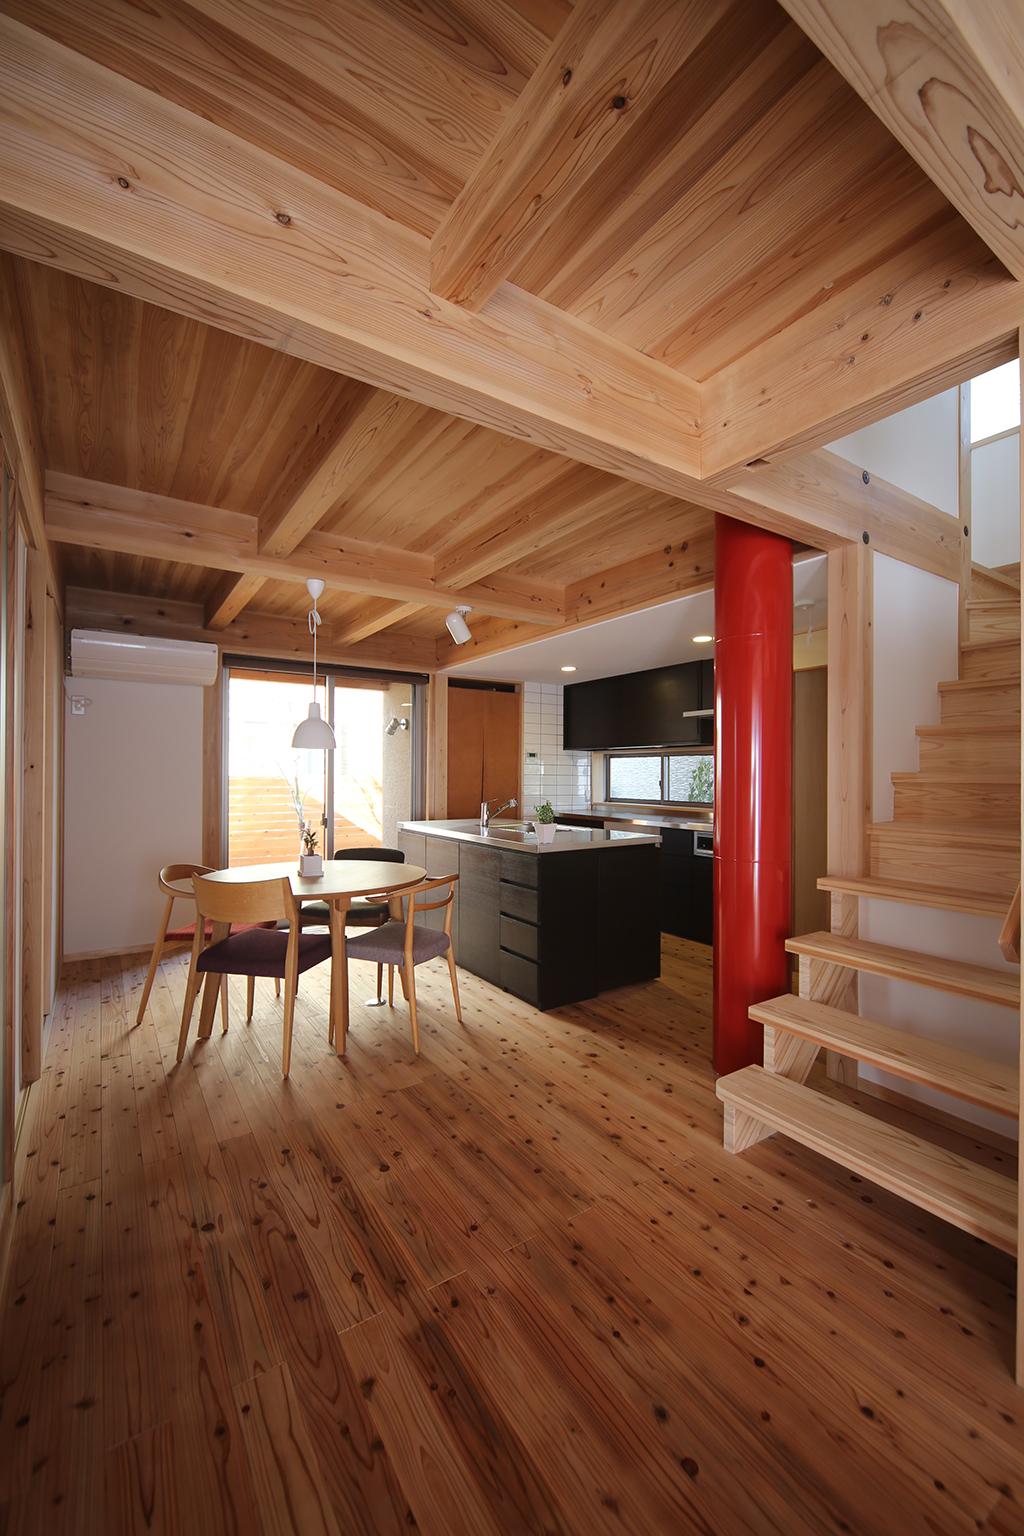 高砂市の木の家 OMダクトがアクセントのダイニングキッチン